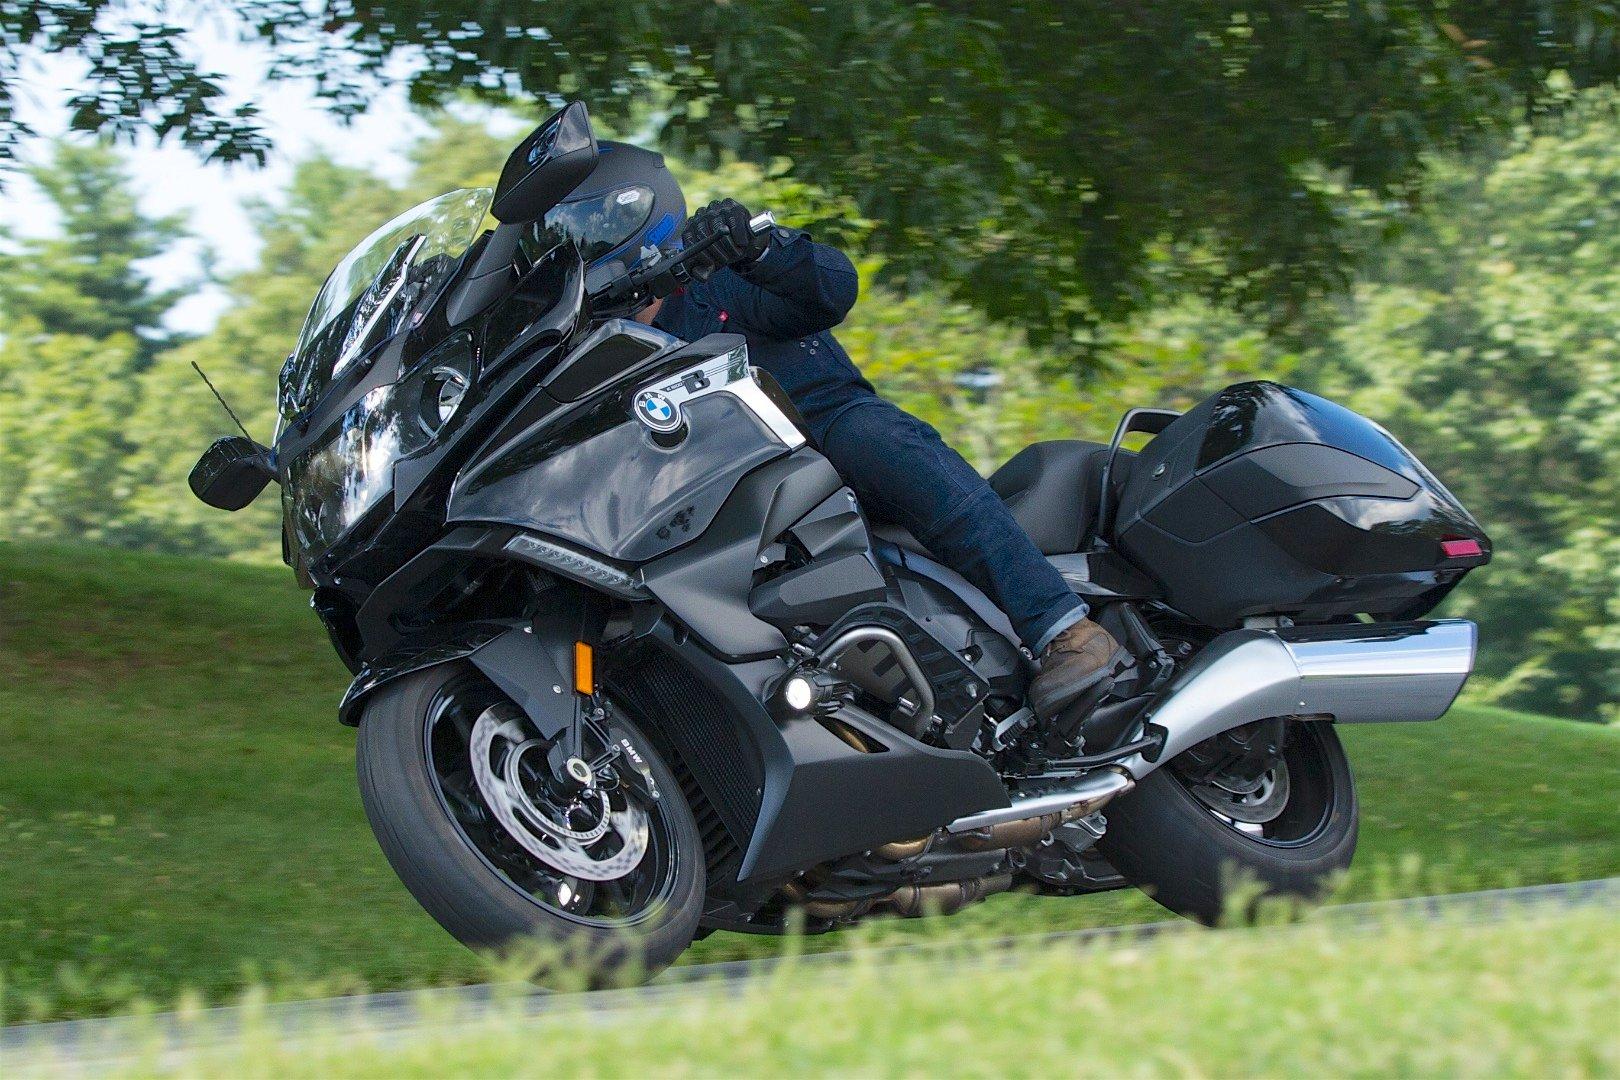 BMW K 1600 B Review